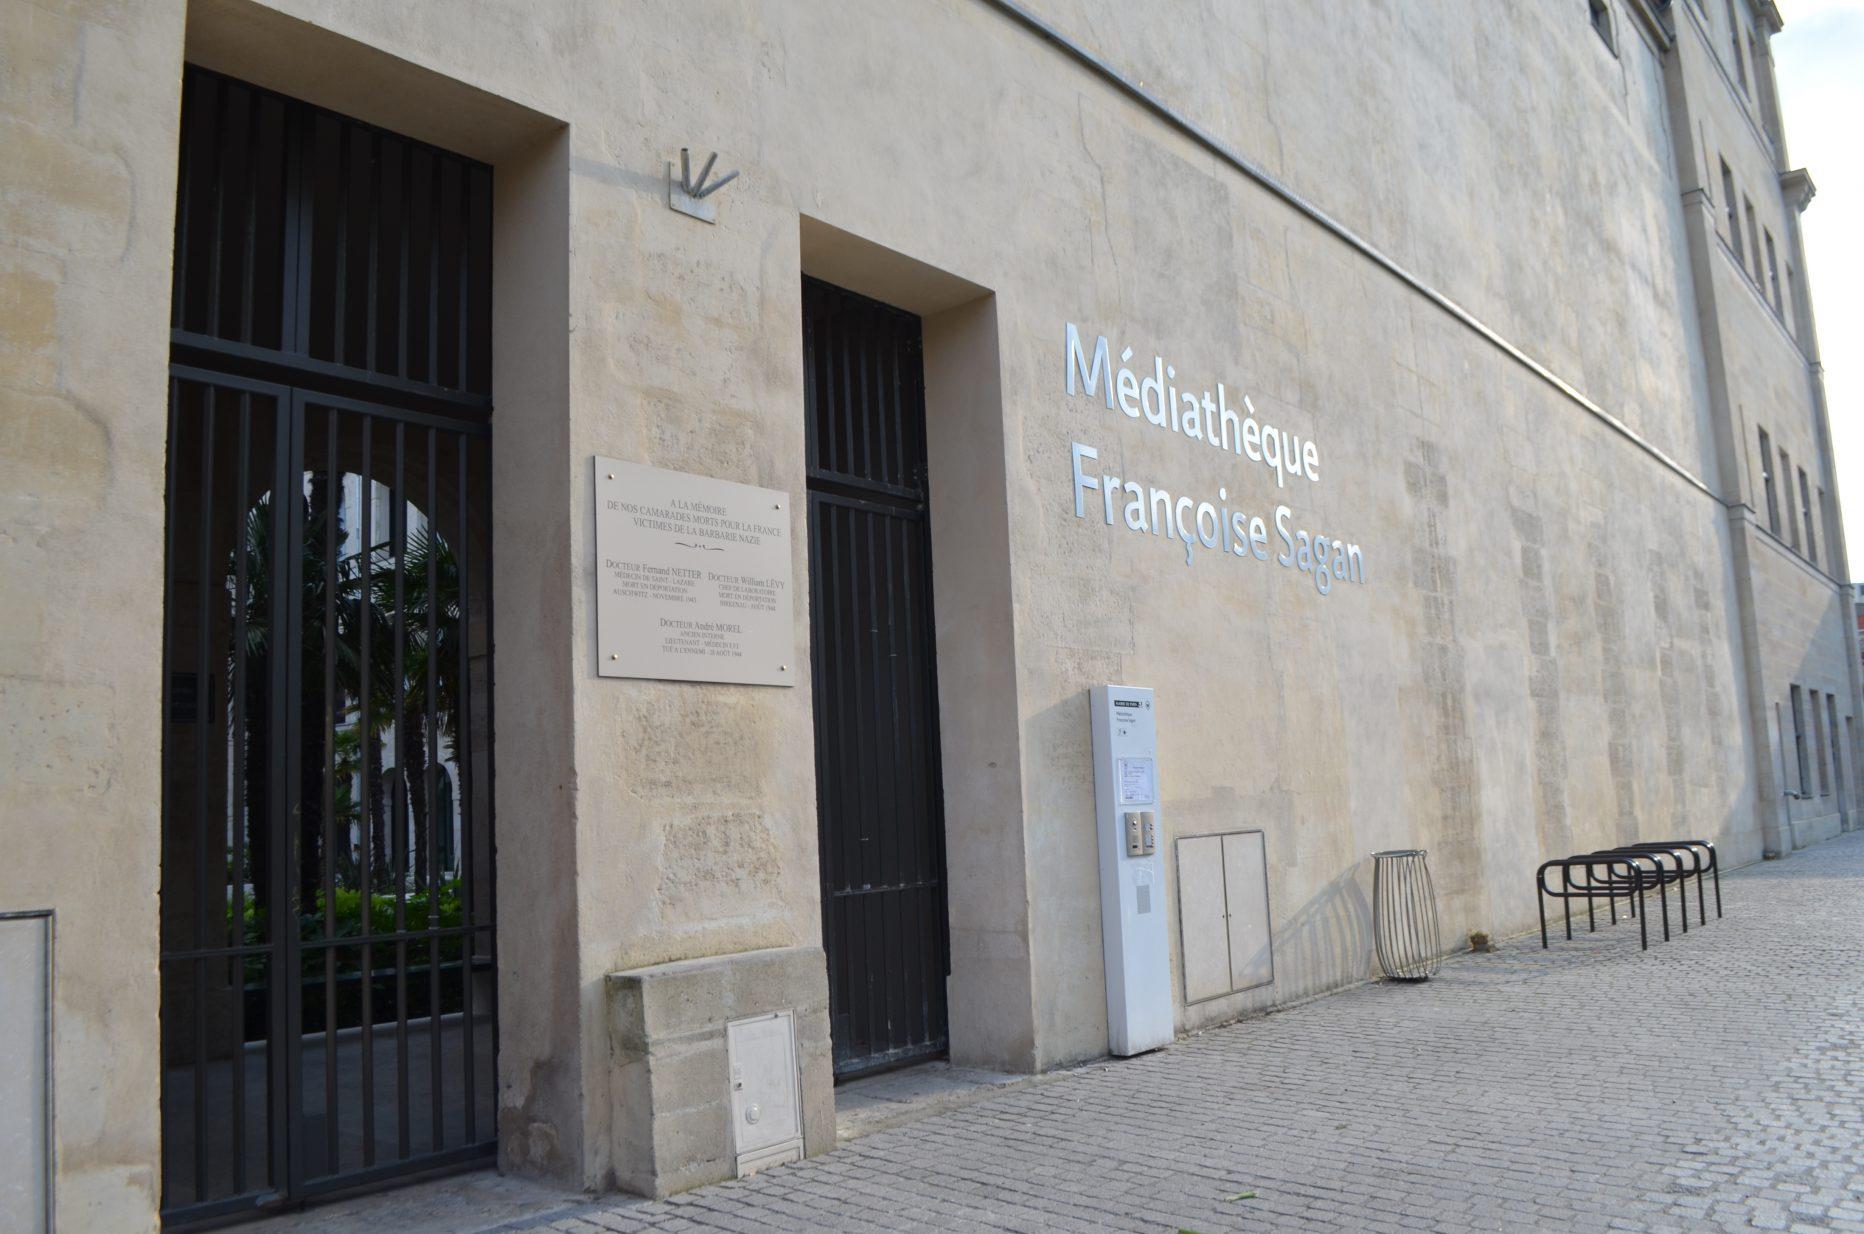 Médiathèque Françoise Sagan